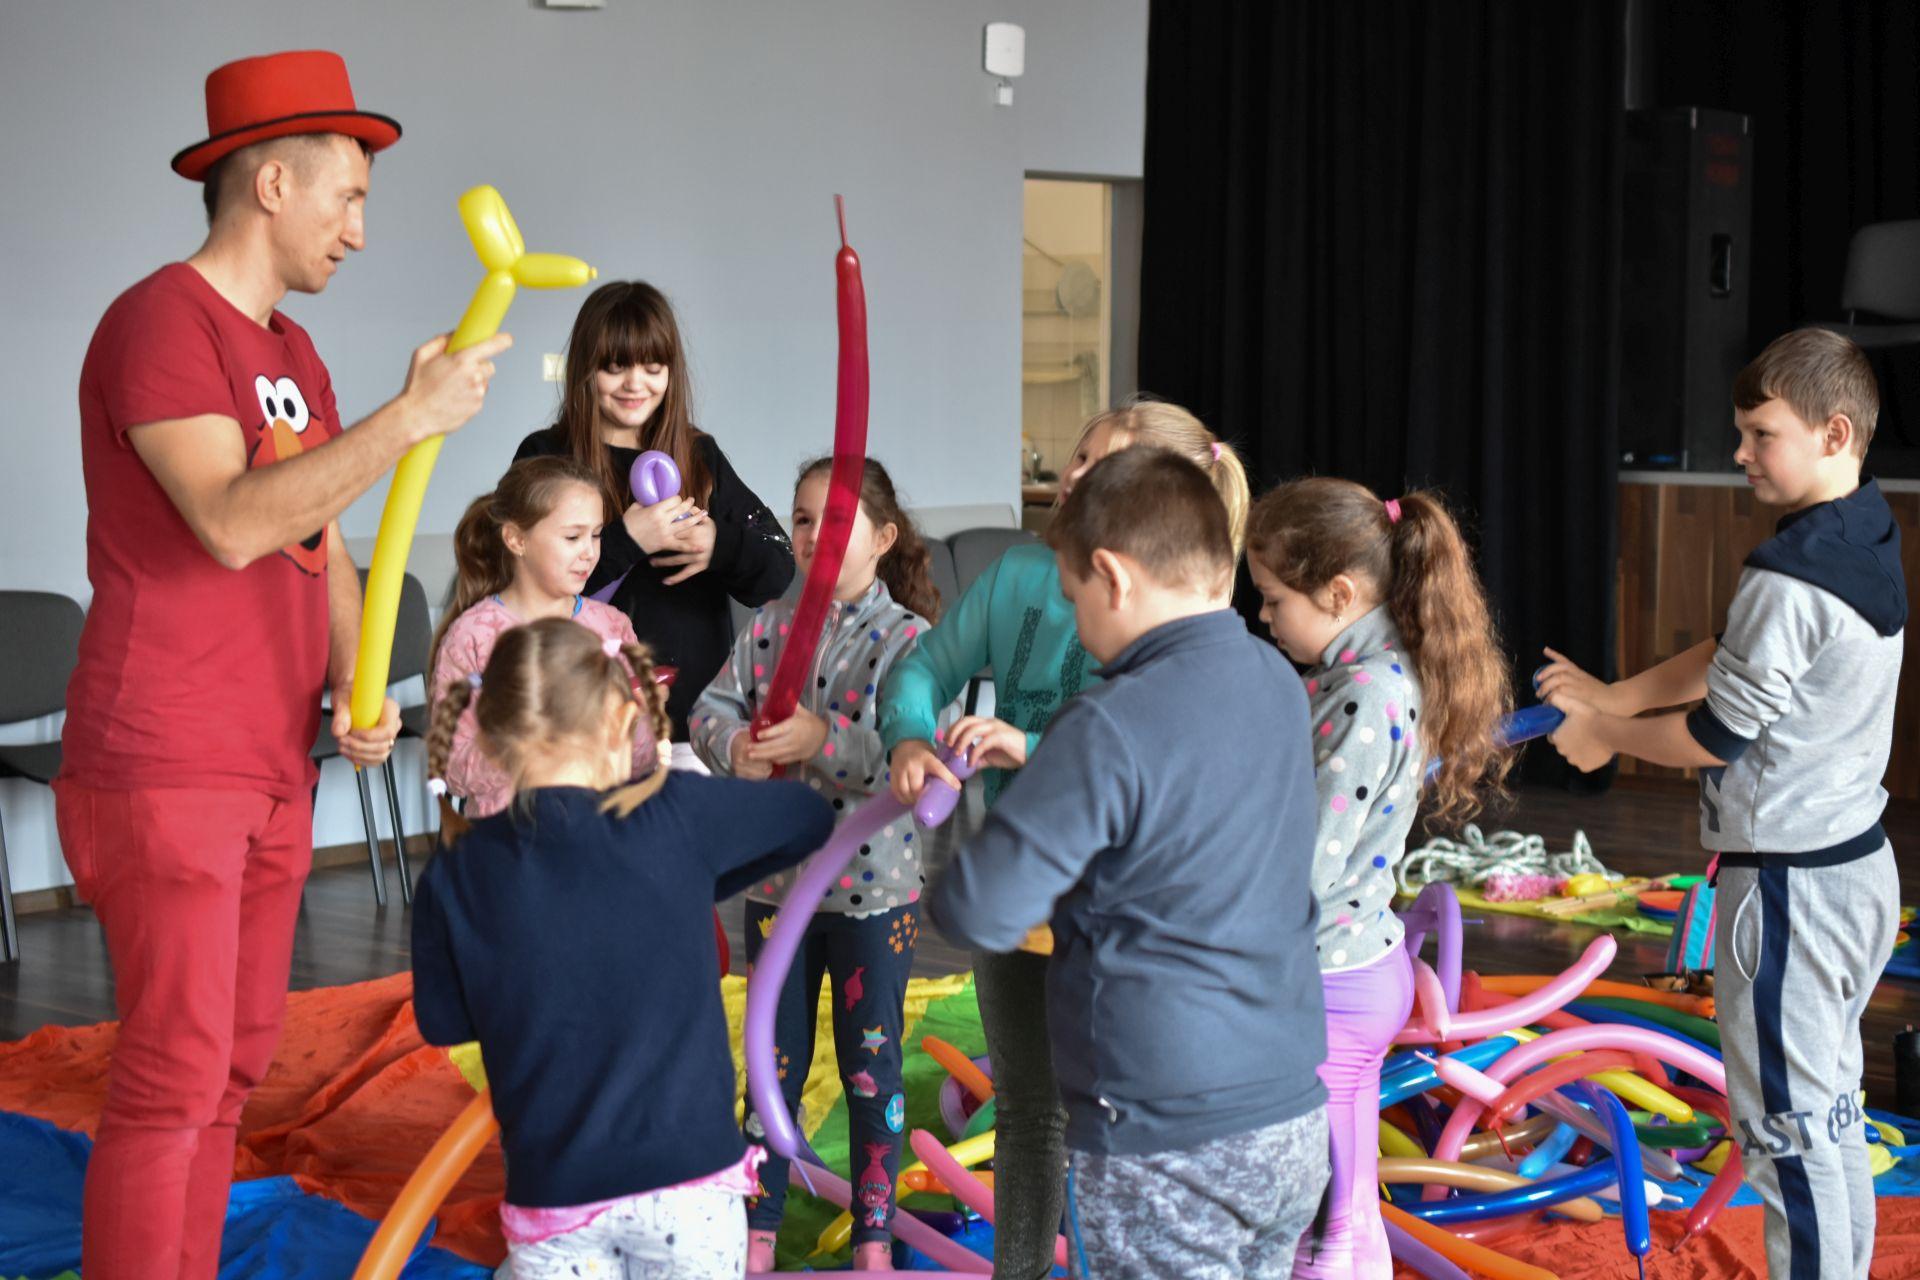 Animator ubrany w czerwoną koszulkę, spodnie i kapelusz oraz grupa rozbawionych dzieci z balonami w rękach